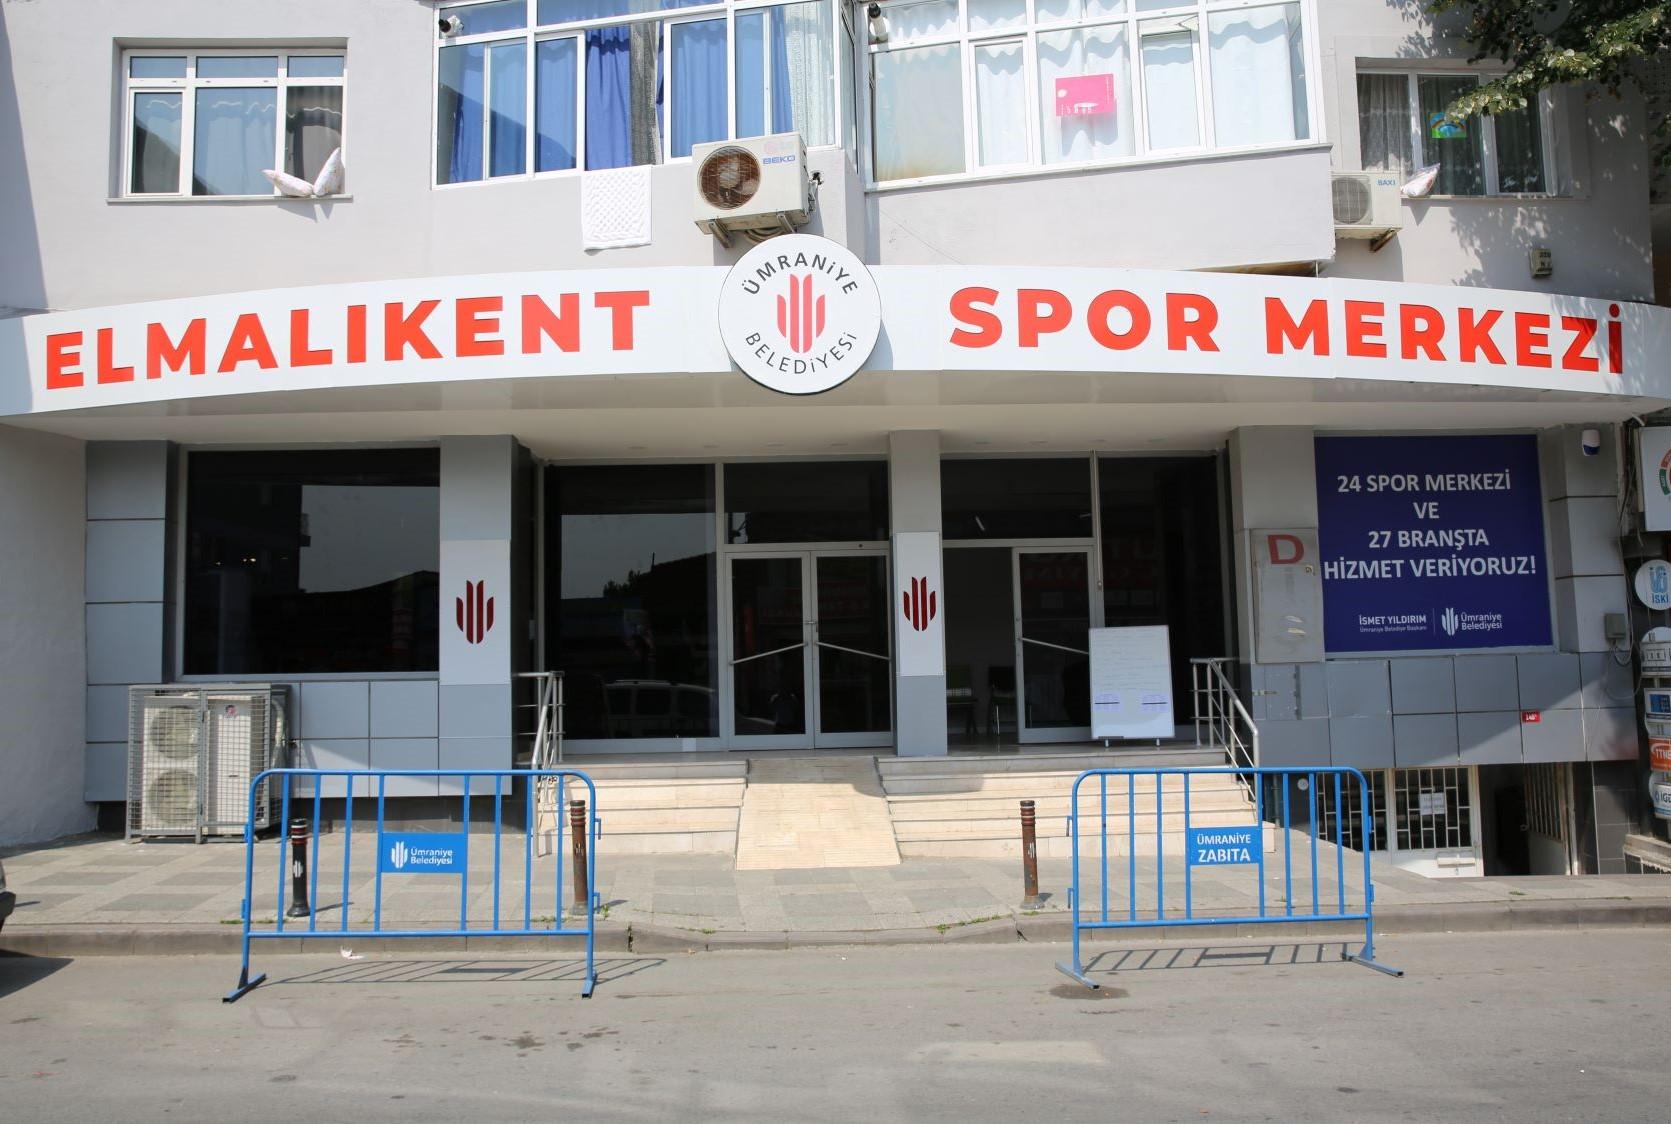 Elmalıkent Spor Merkezi